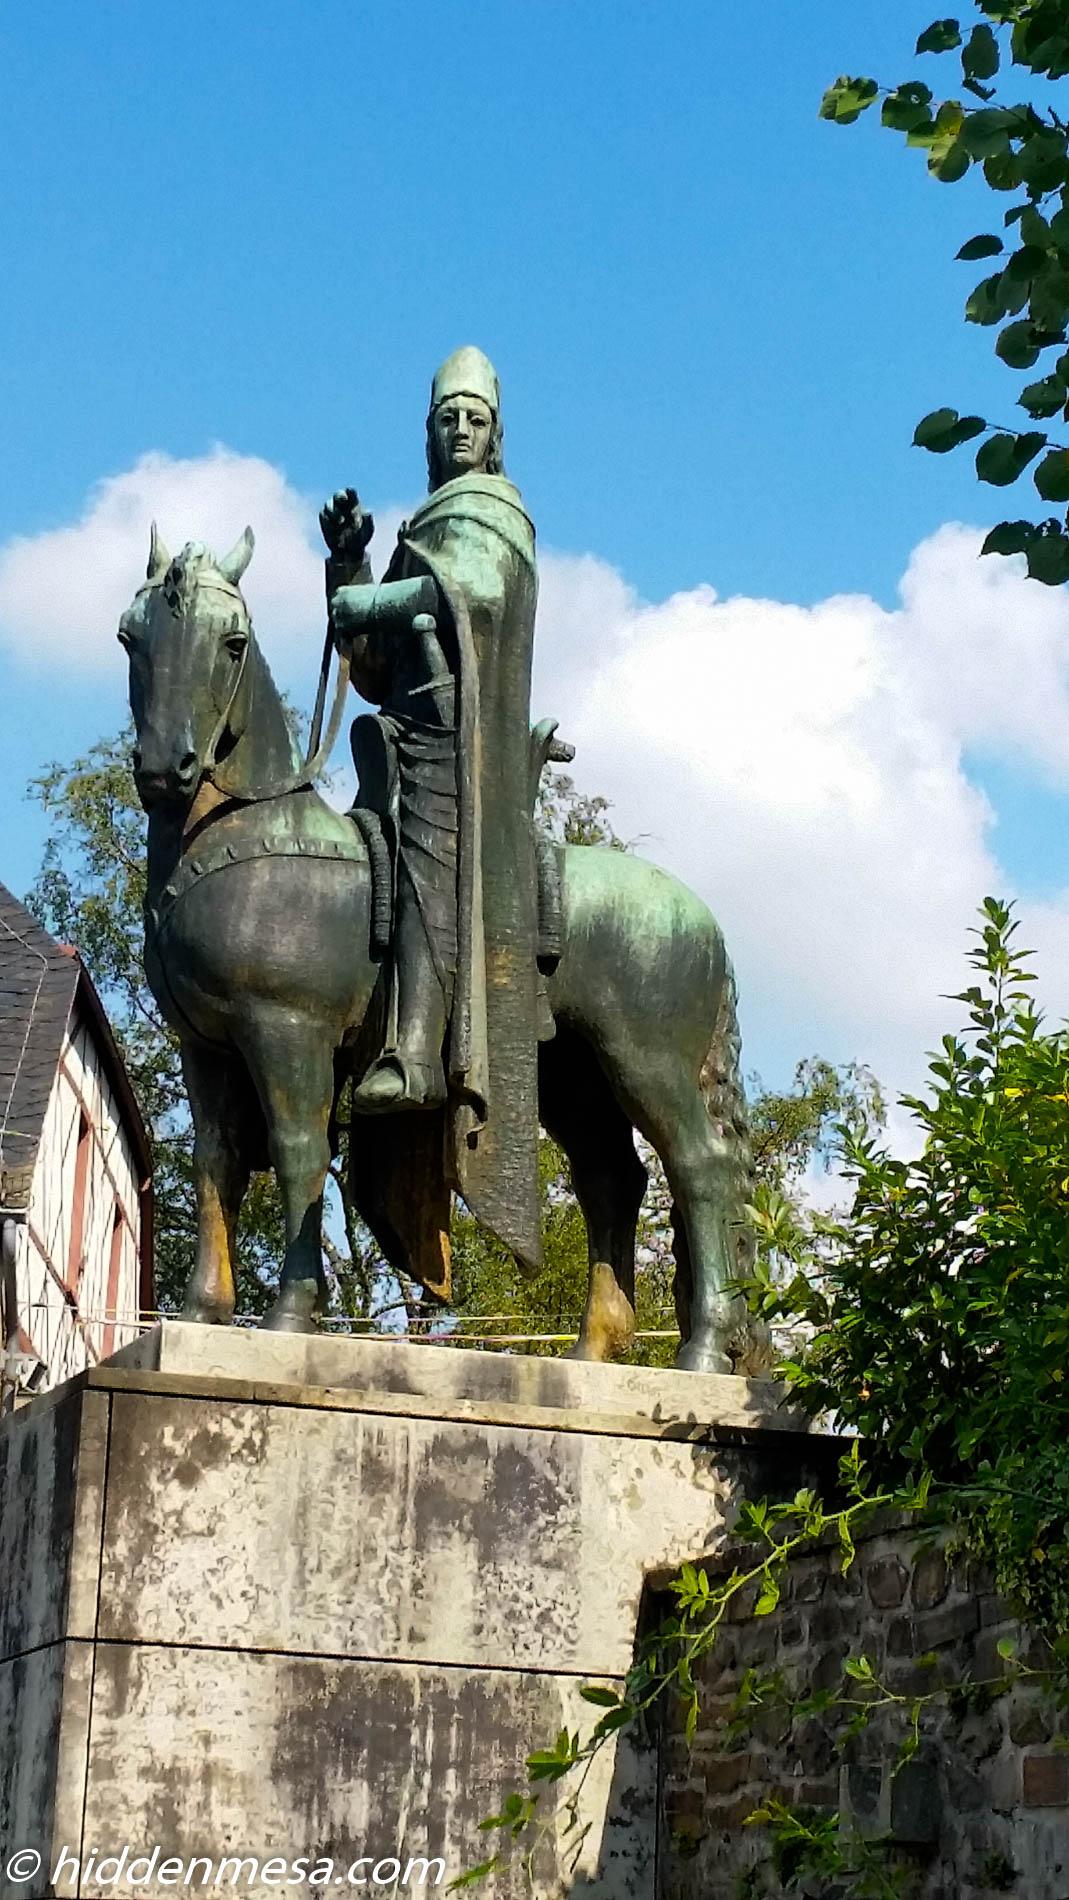 Eglebert II von Berg